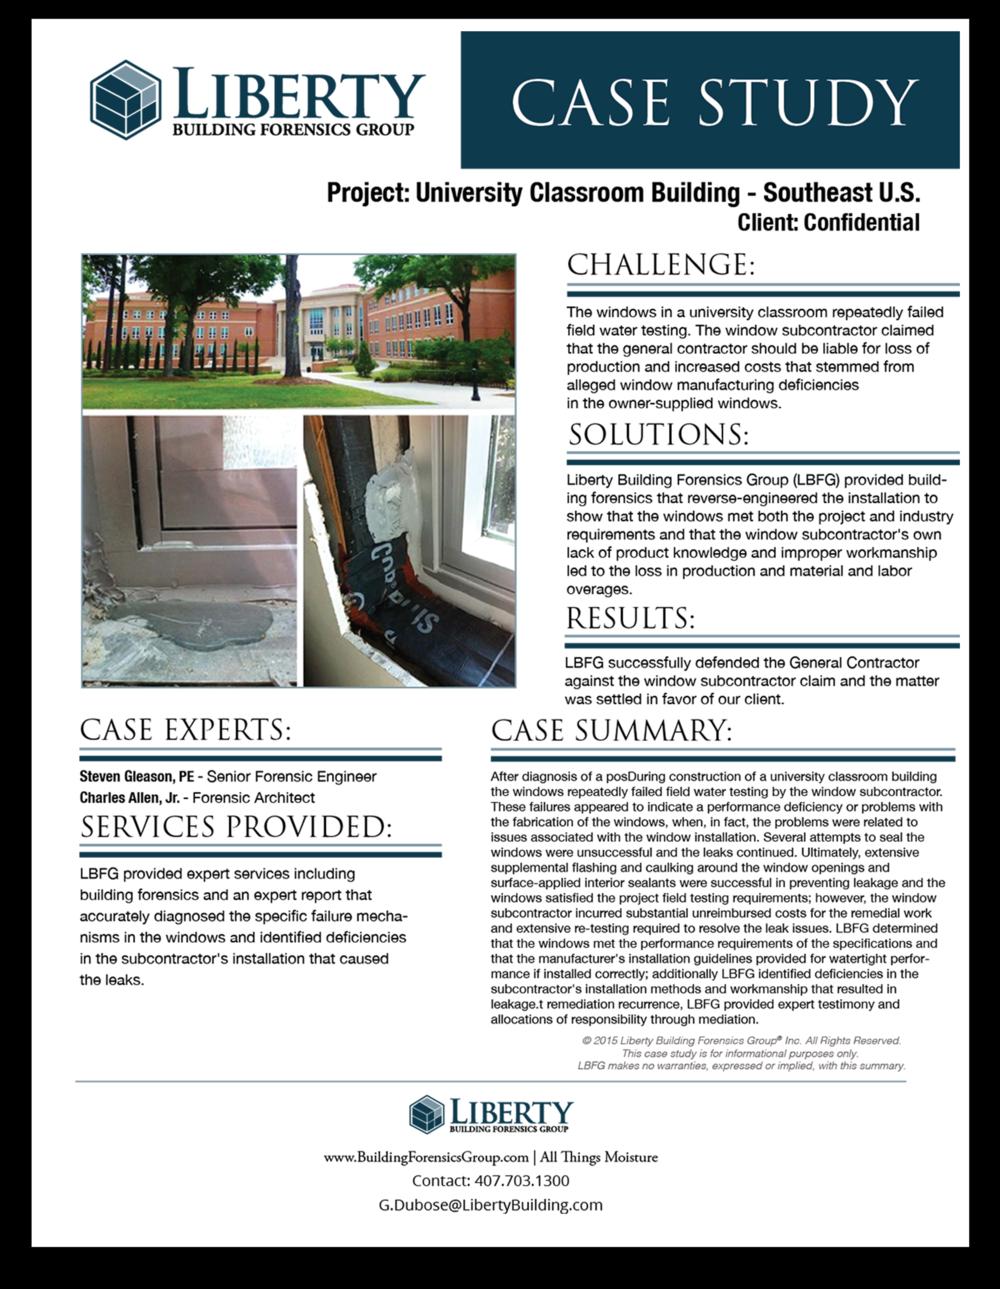 Case Study - University Classroom Building - SE US_2016@2x.png